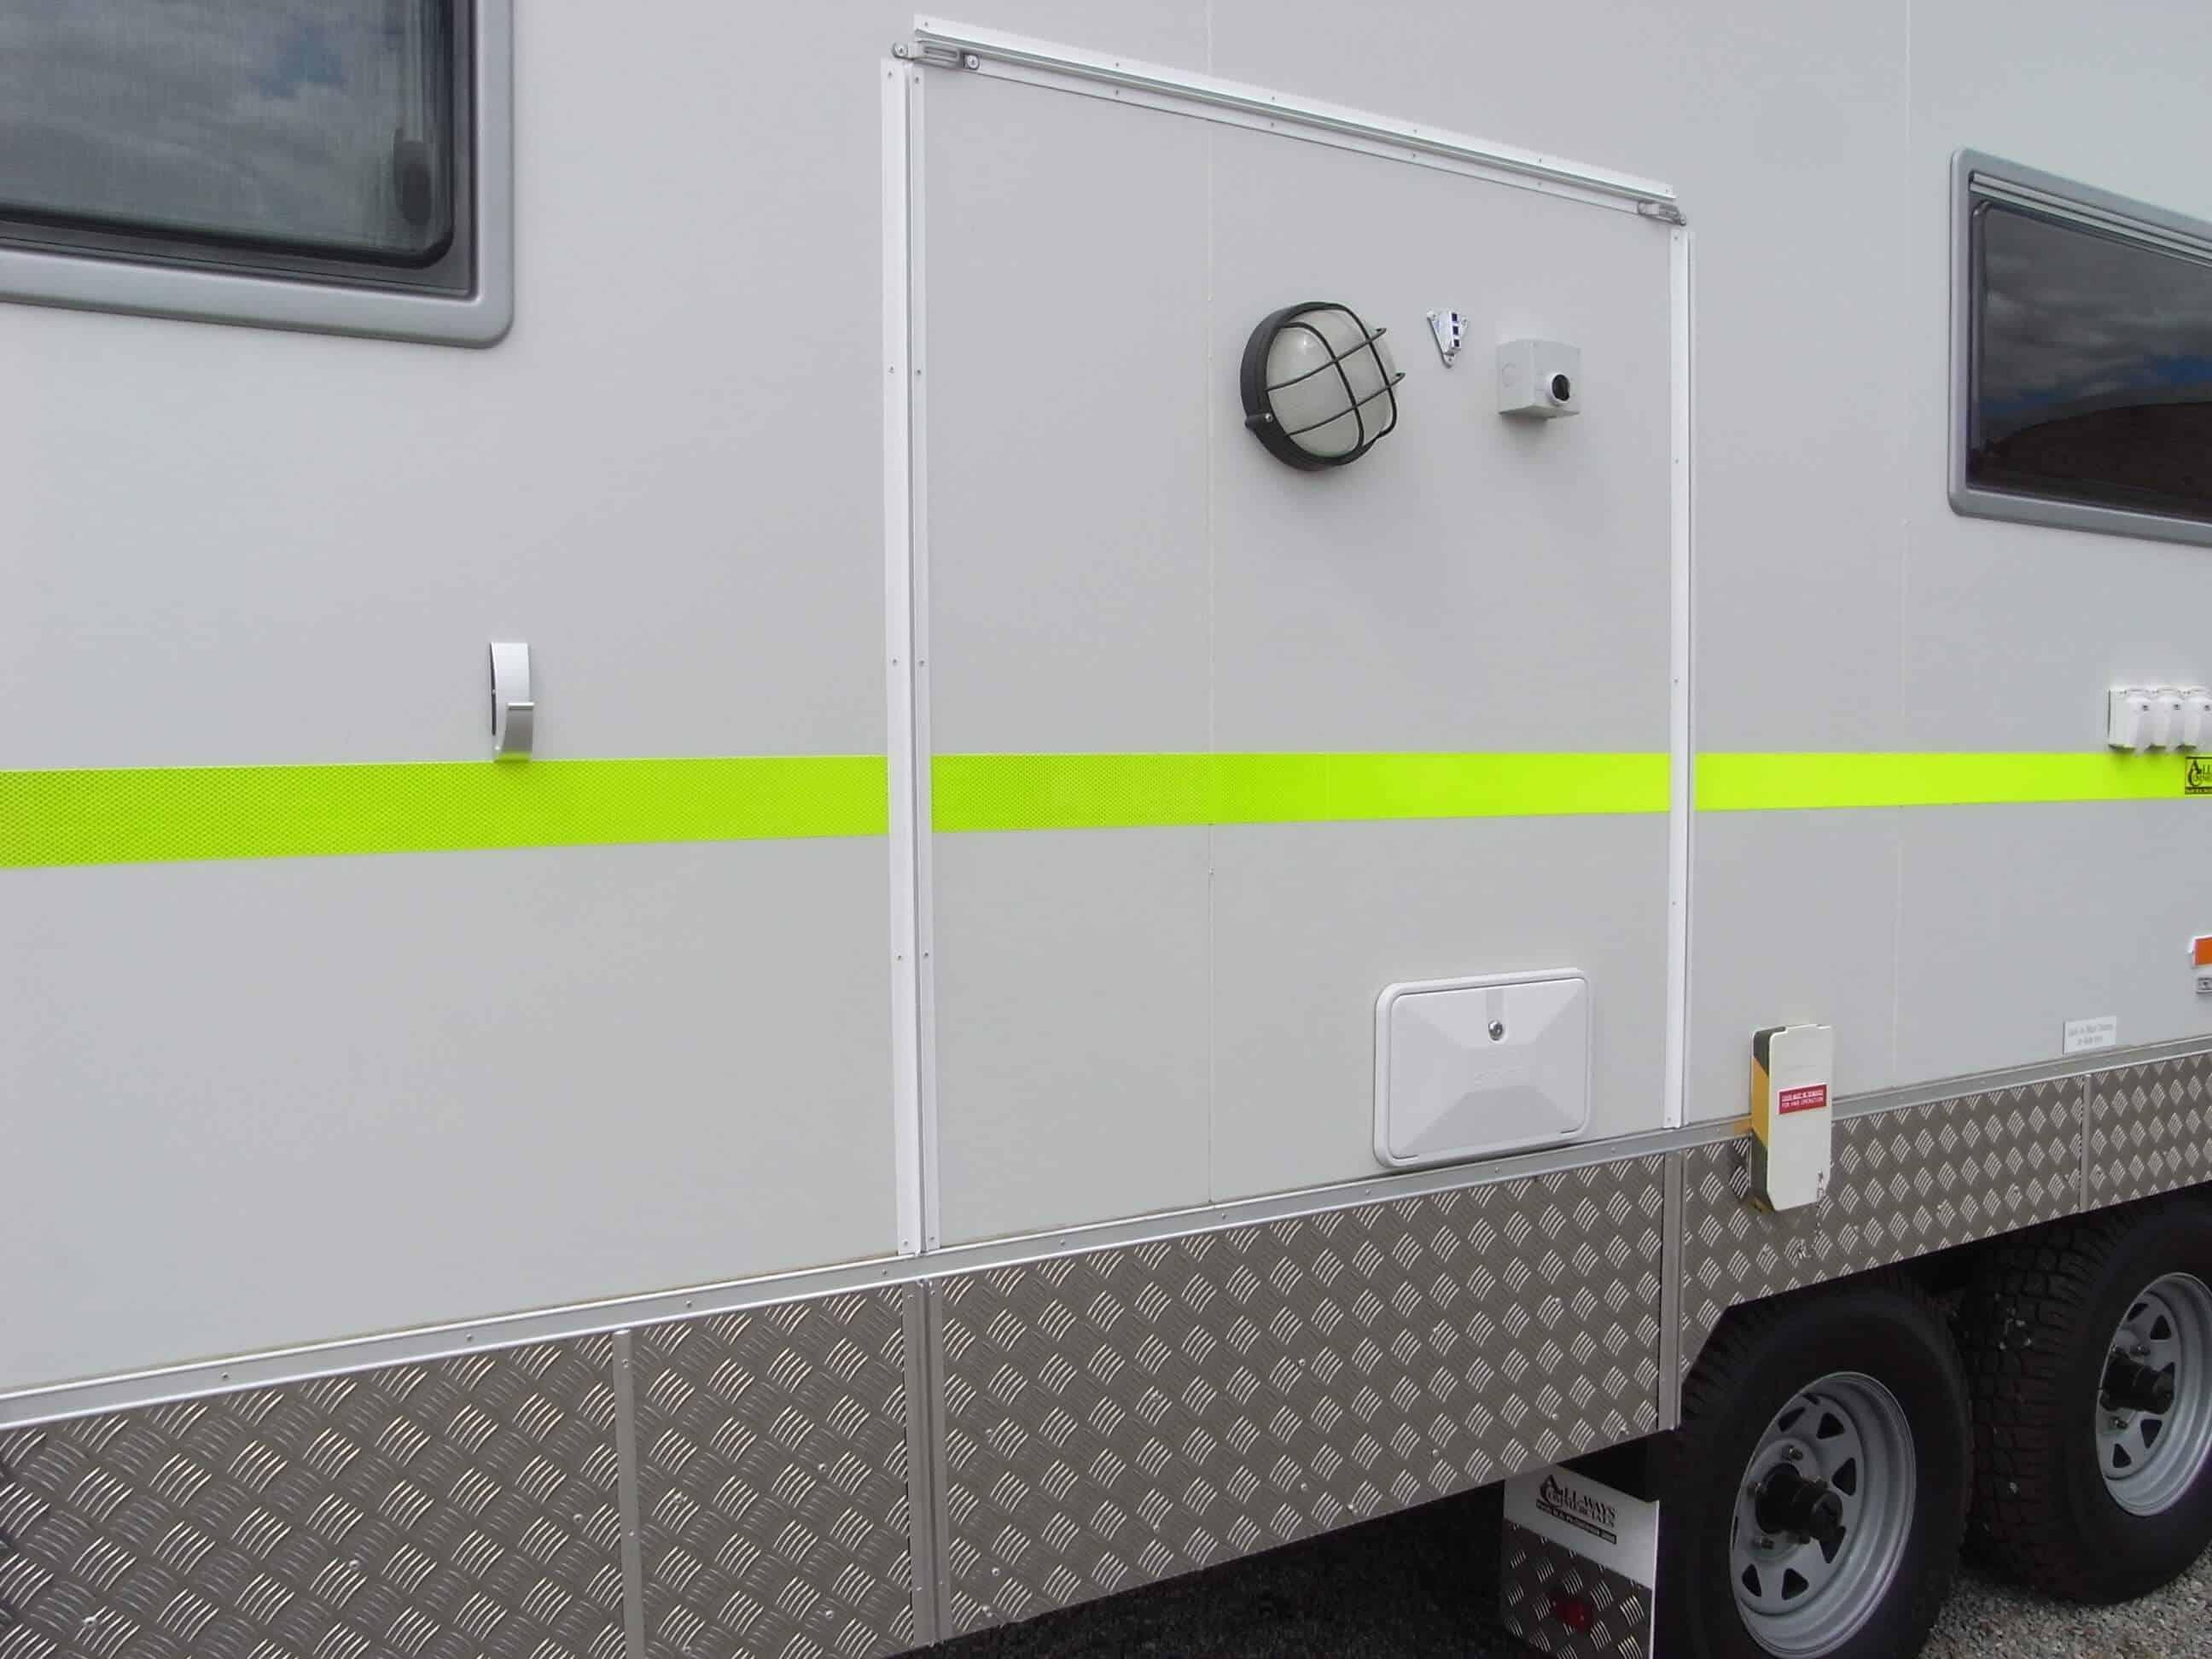 Kalgoorlie Van Allways Caravan